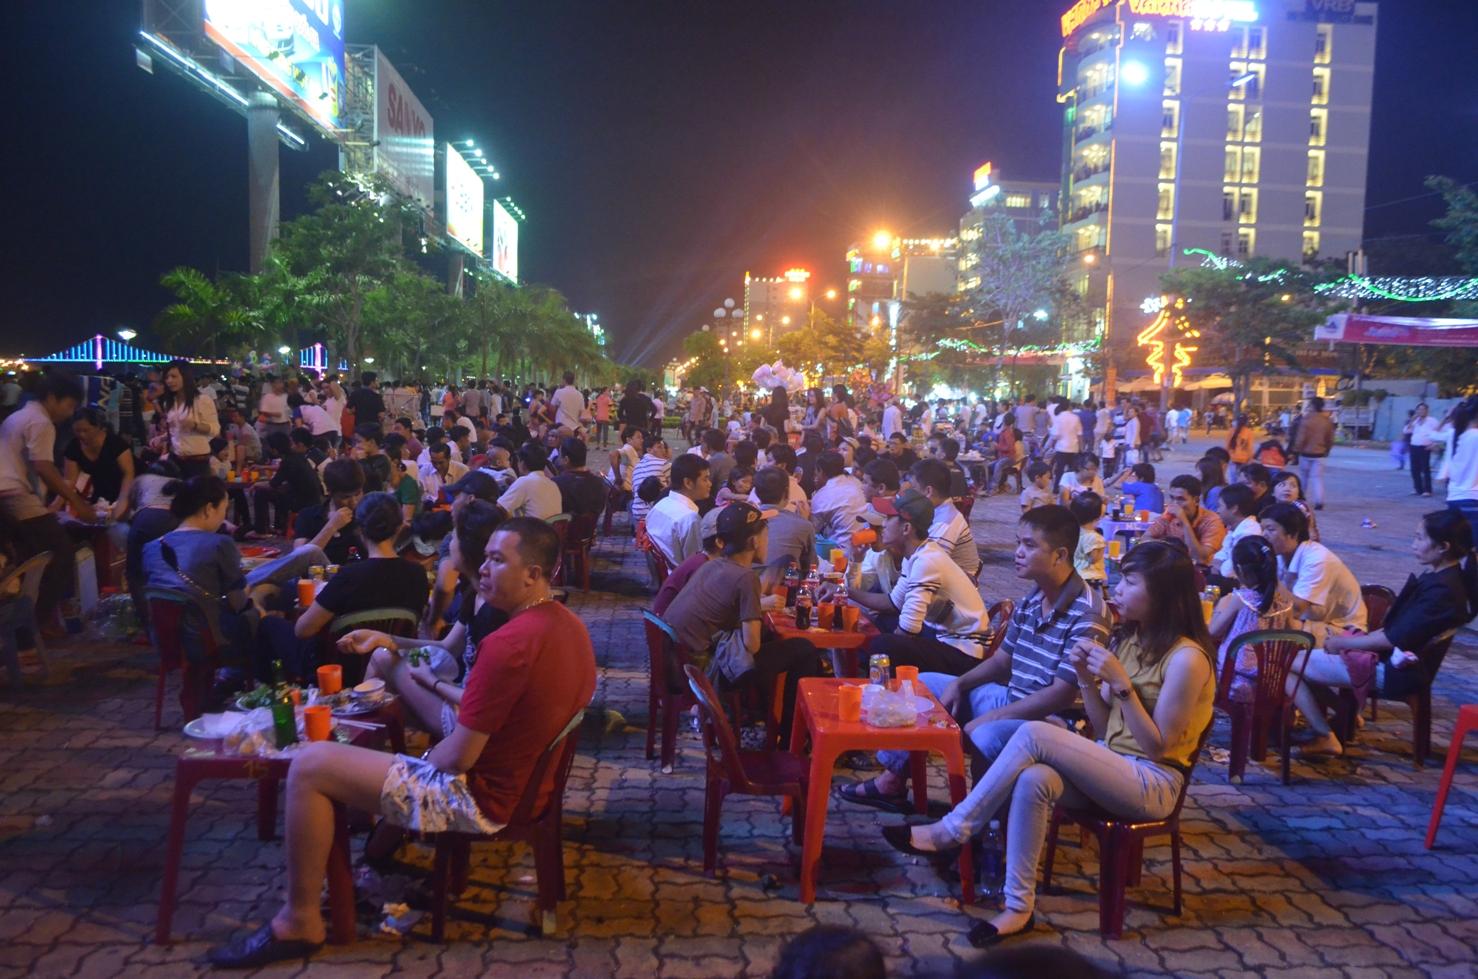 Những buổi tối, người dân thường rủ nhau đi nhậu kín các con đường ven biển. Ảnh: cocobaydanang.com